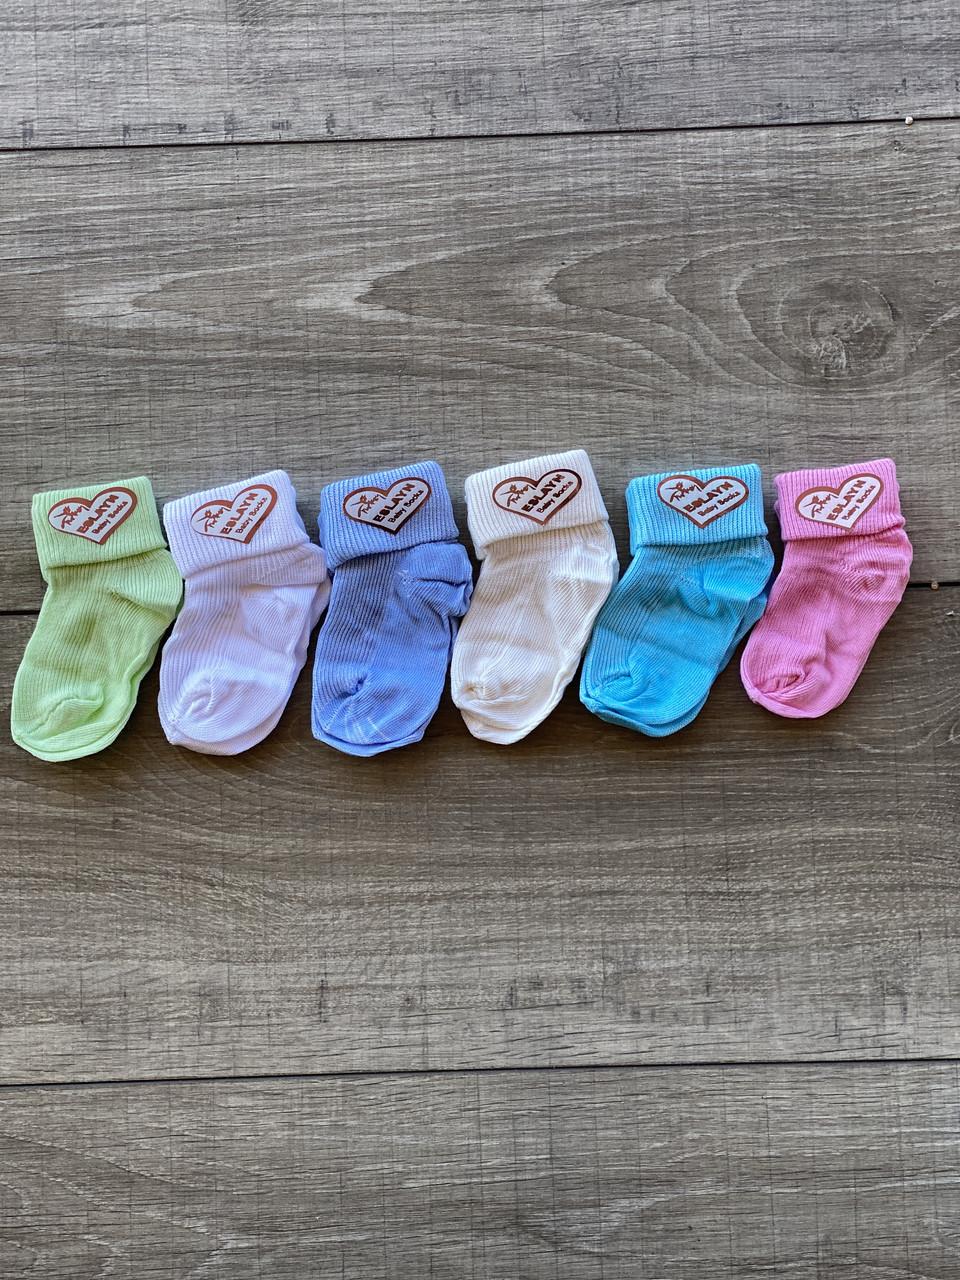 Носки для младенцев хлопок Eslayn для девочек и мальчиков 12 шт в уп микс из 6ти цветов